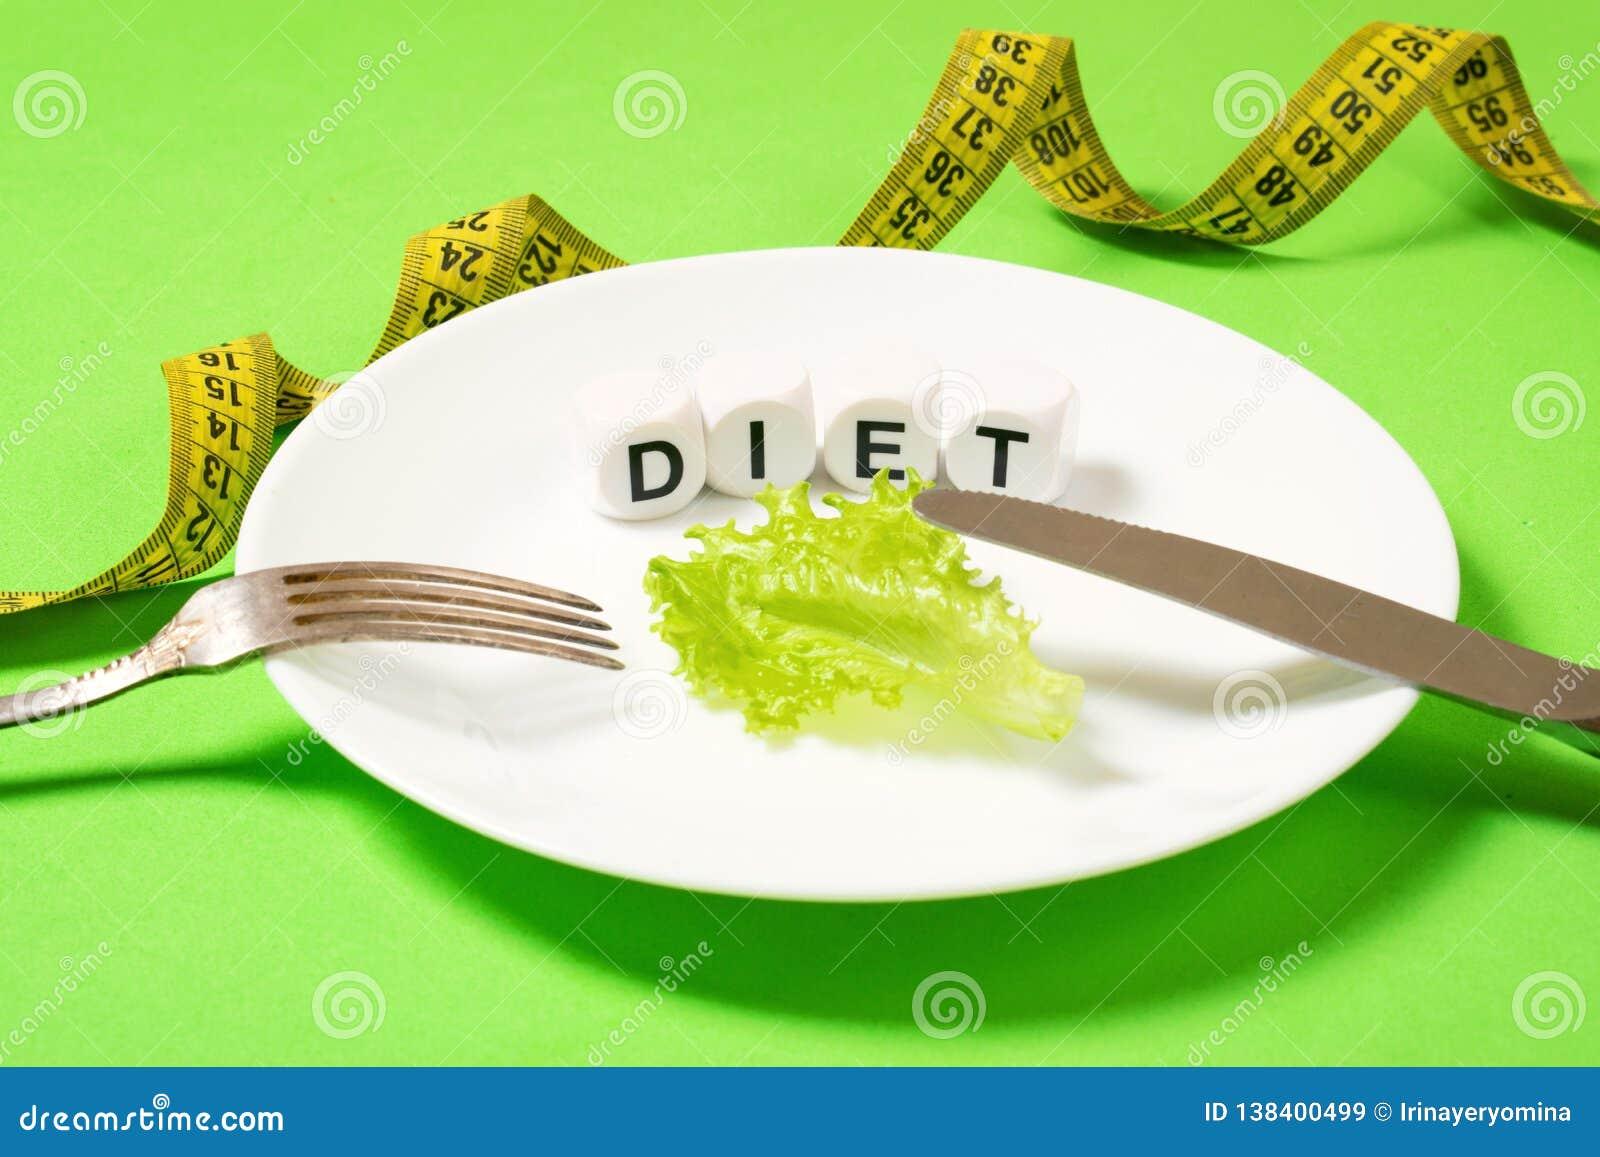 Het dieet, weegt verlies, het gezonde eten, geschiktheidsconcept Klein gedeelte van voedsel op grote plaat Klein groen saladeblad